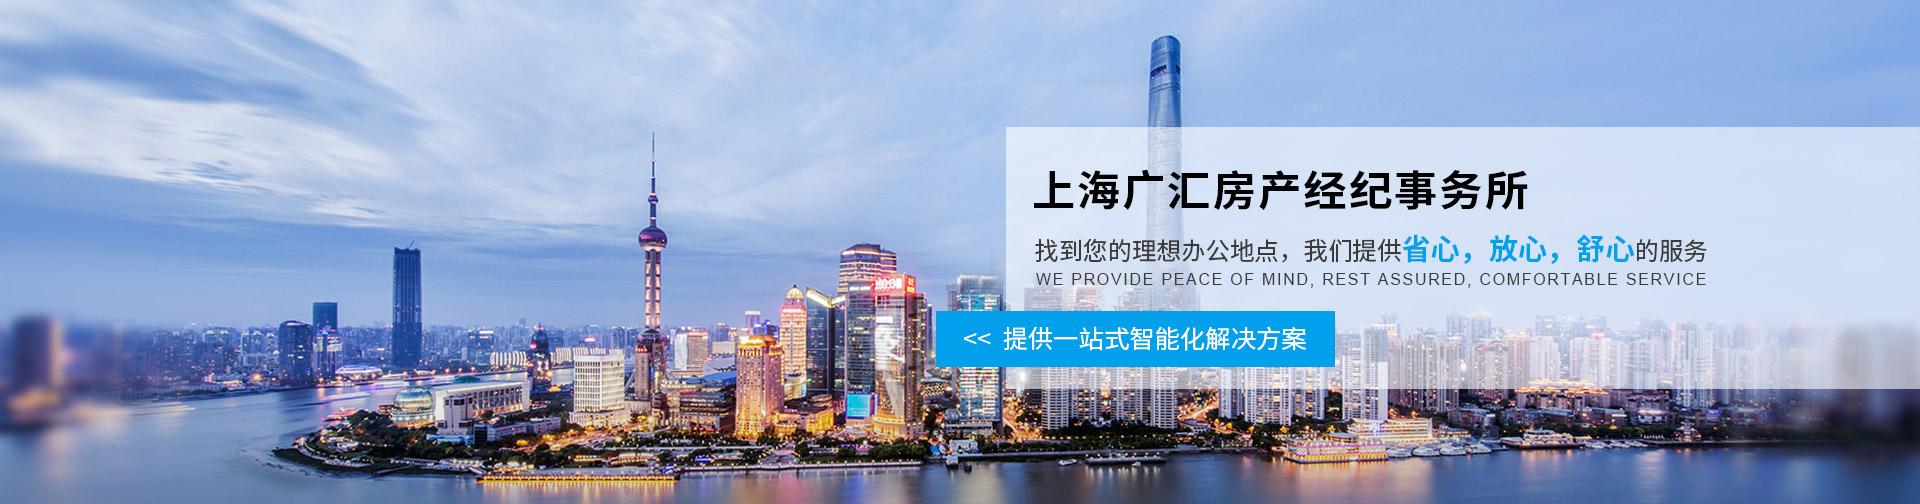 上海广汇房产经纪事务所(有限合伙)